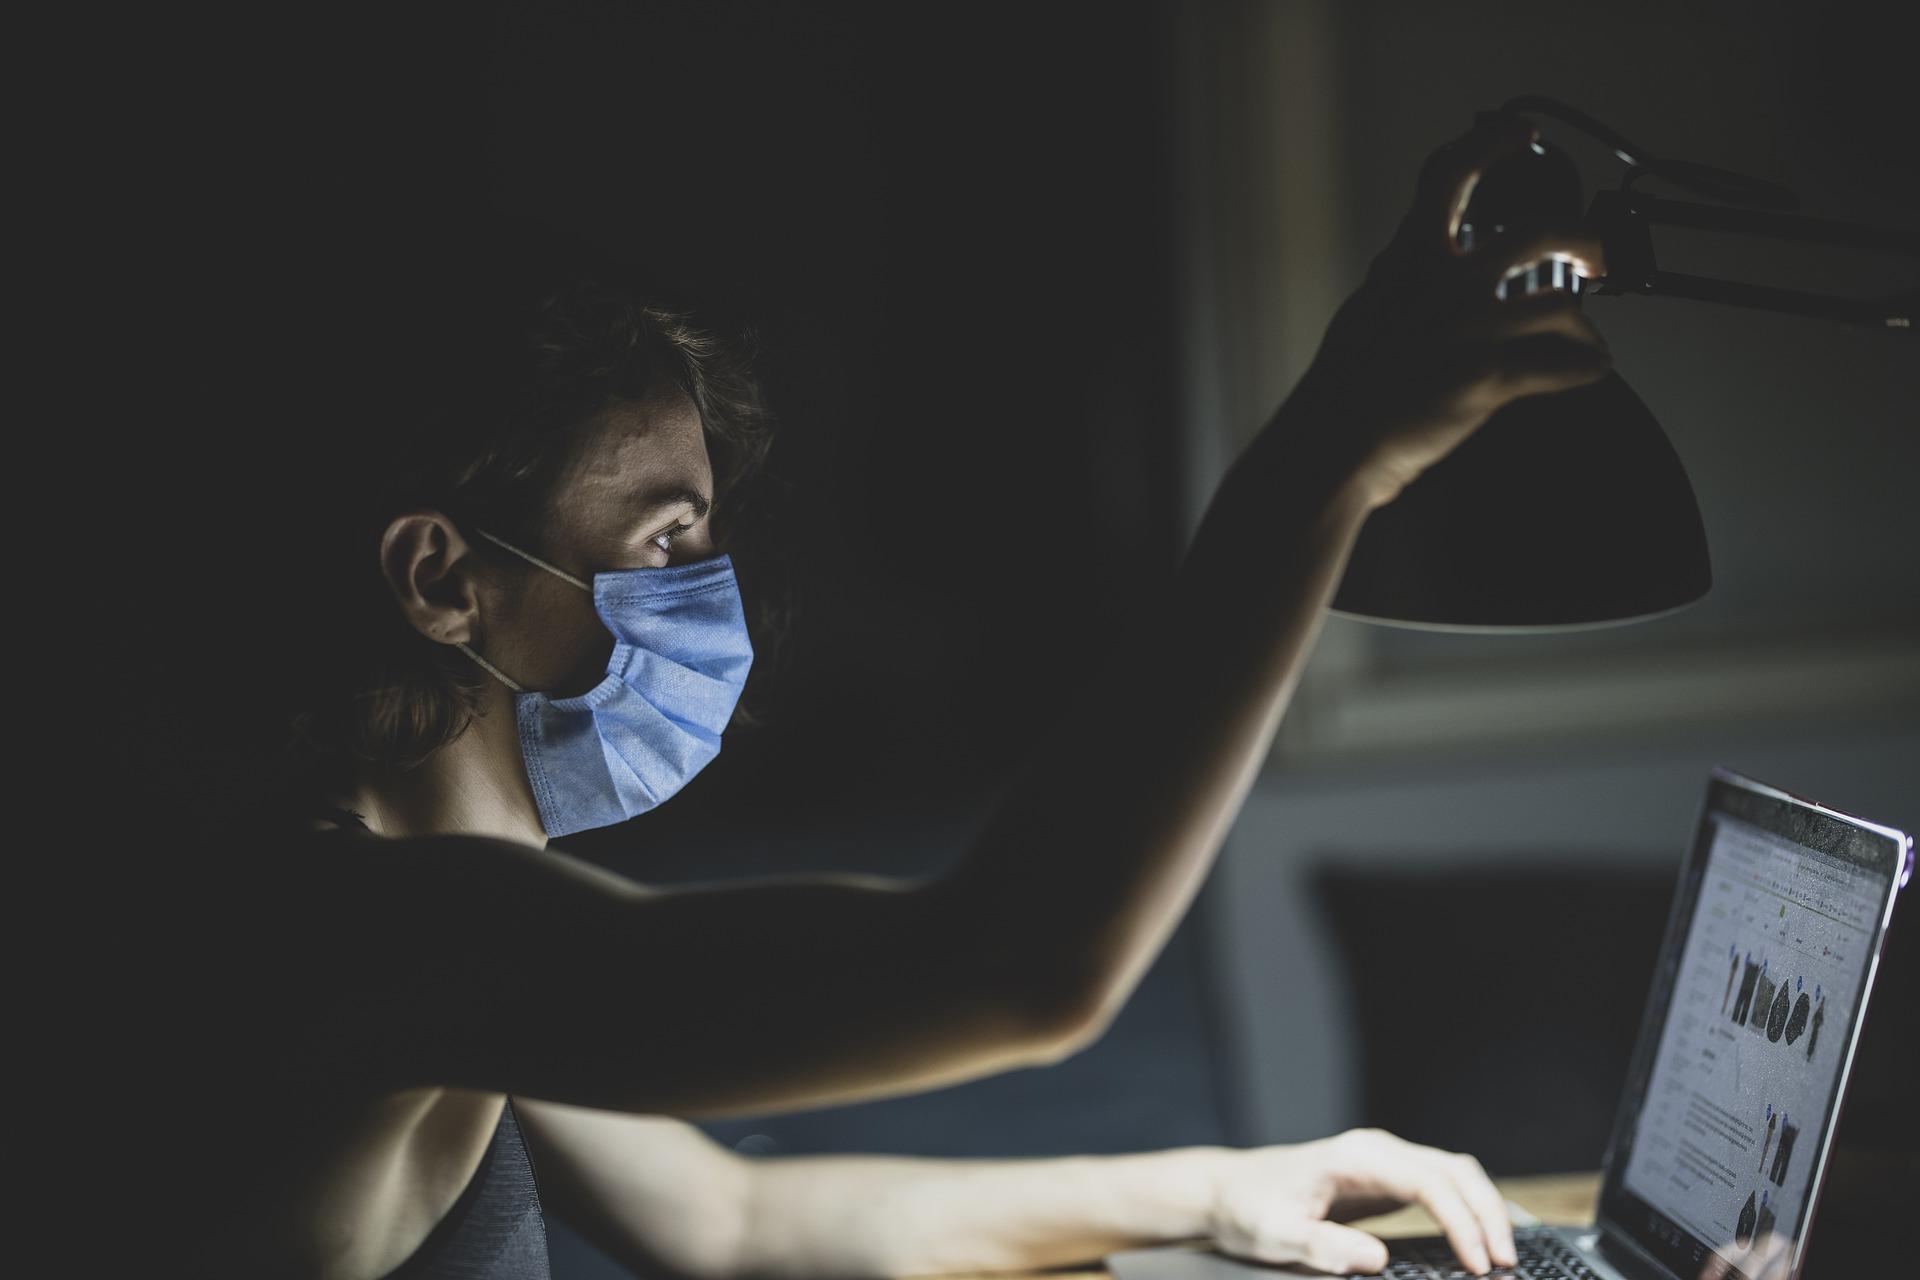 Joven con mascarilla prendiendo lámpara en escritorio